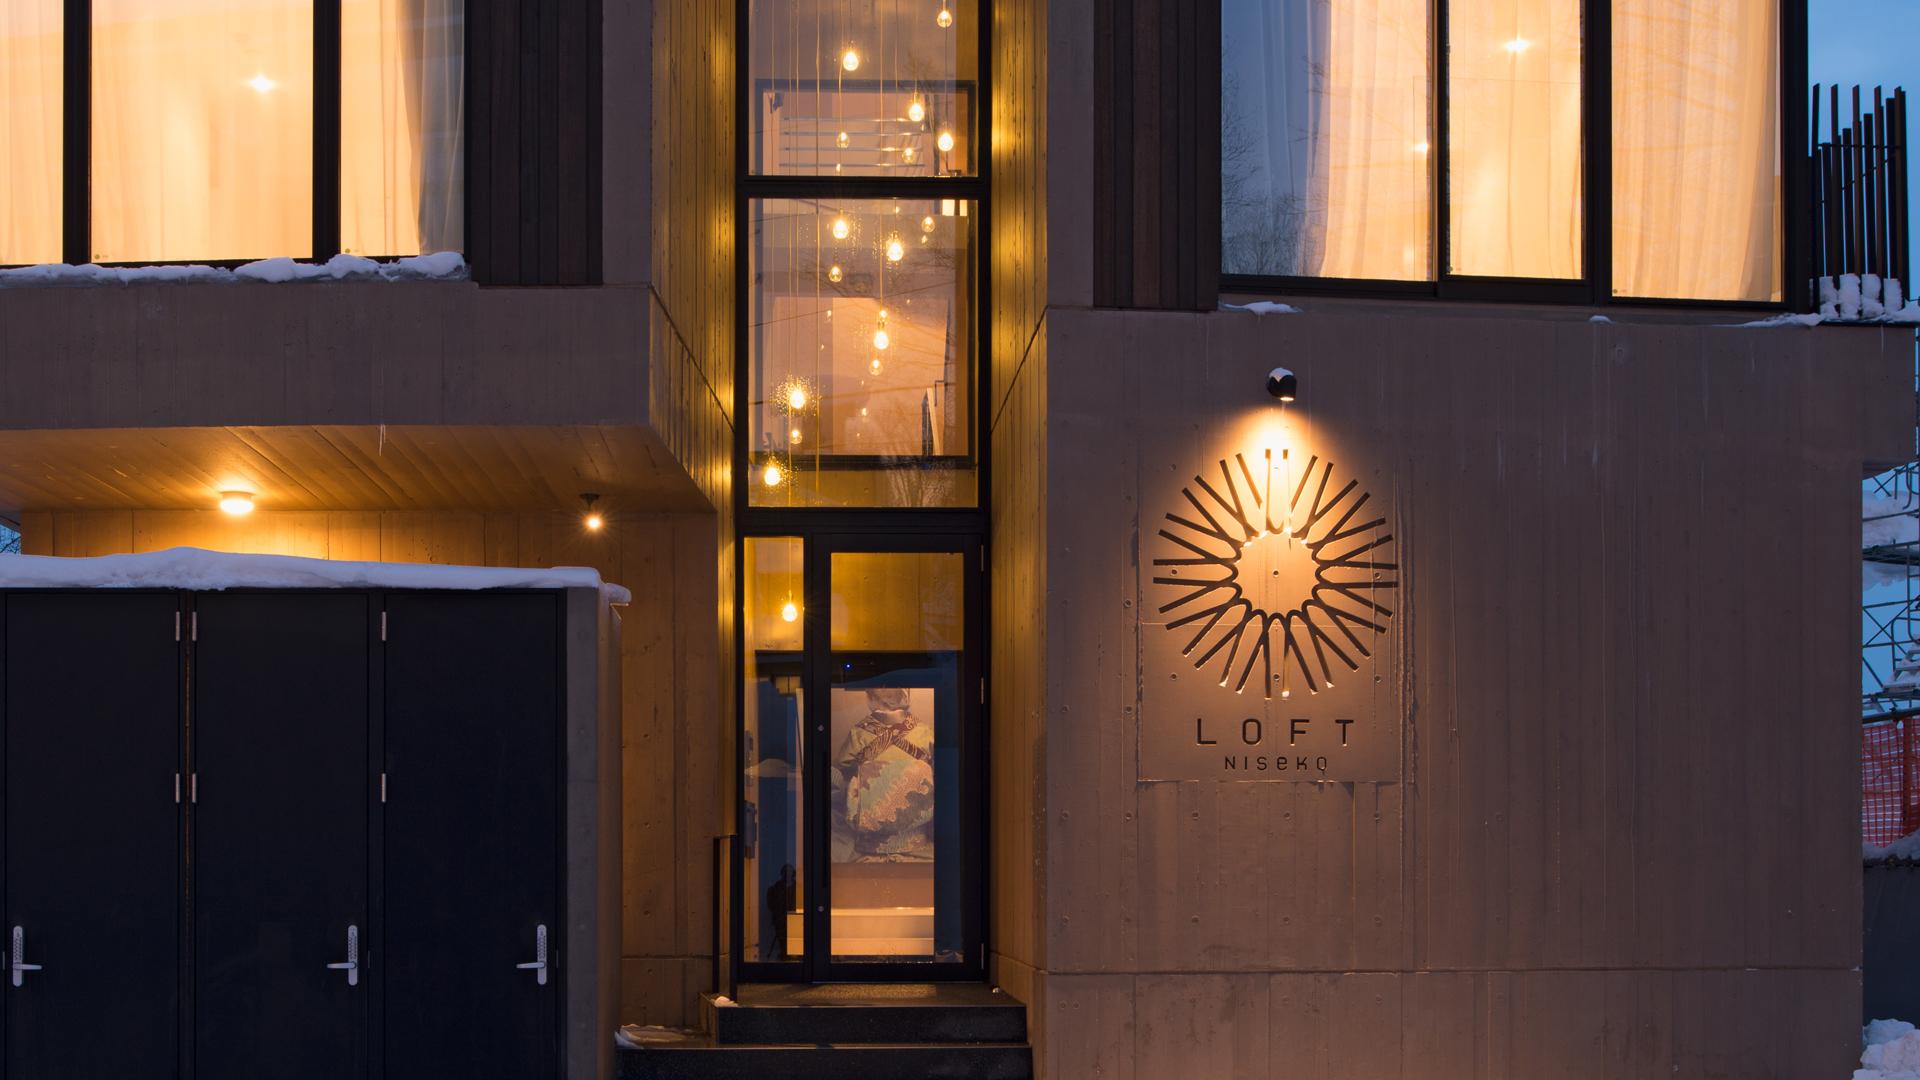 2014-01-24 The Loft Niseko